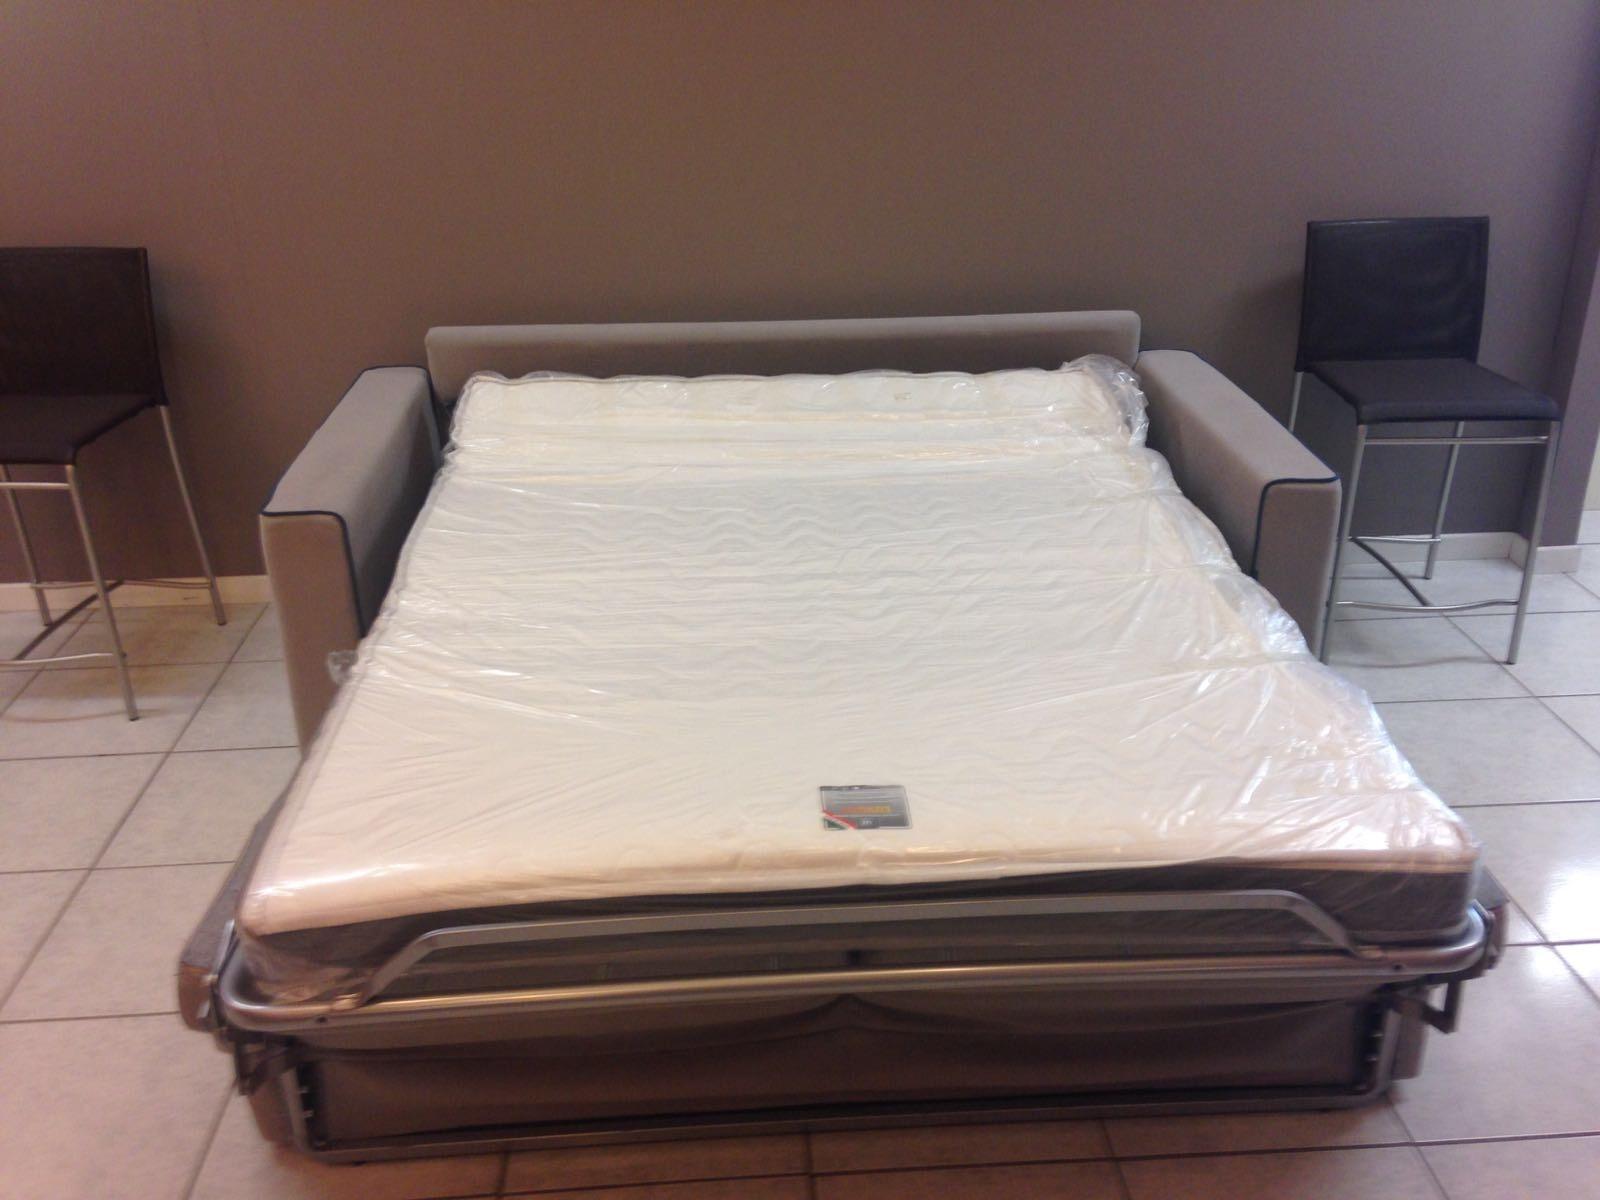 Aerre salotti divano cuciture blu scontato del 43 for Lunghezza divano letto